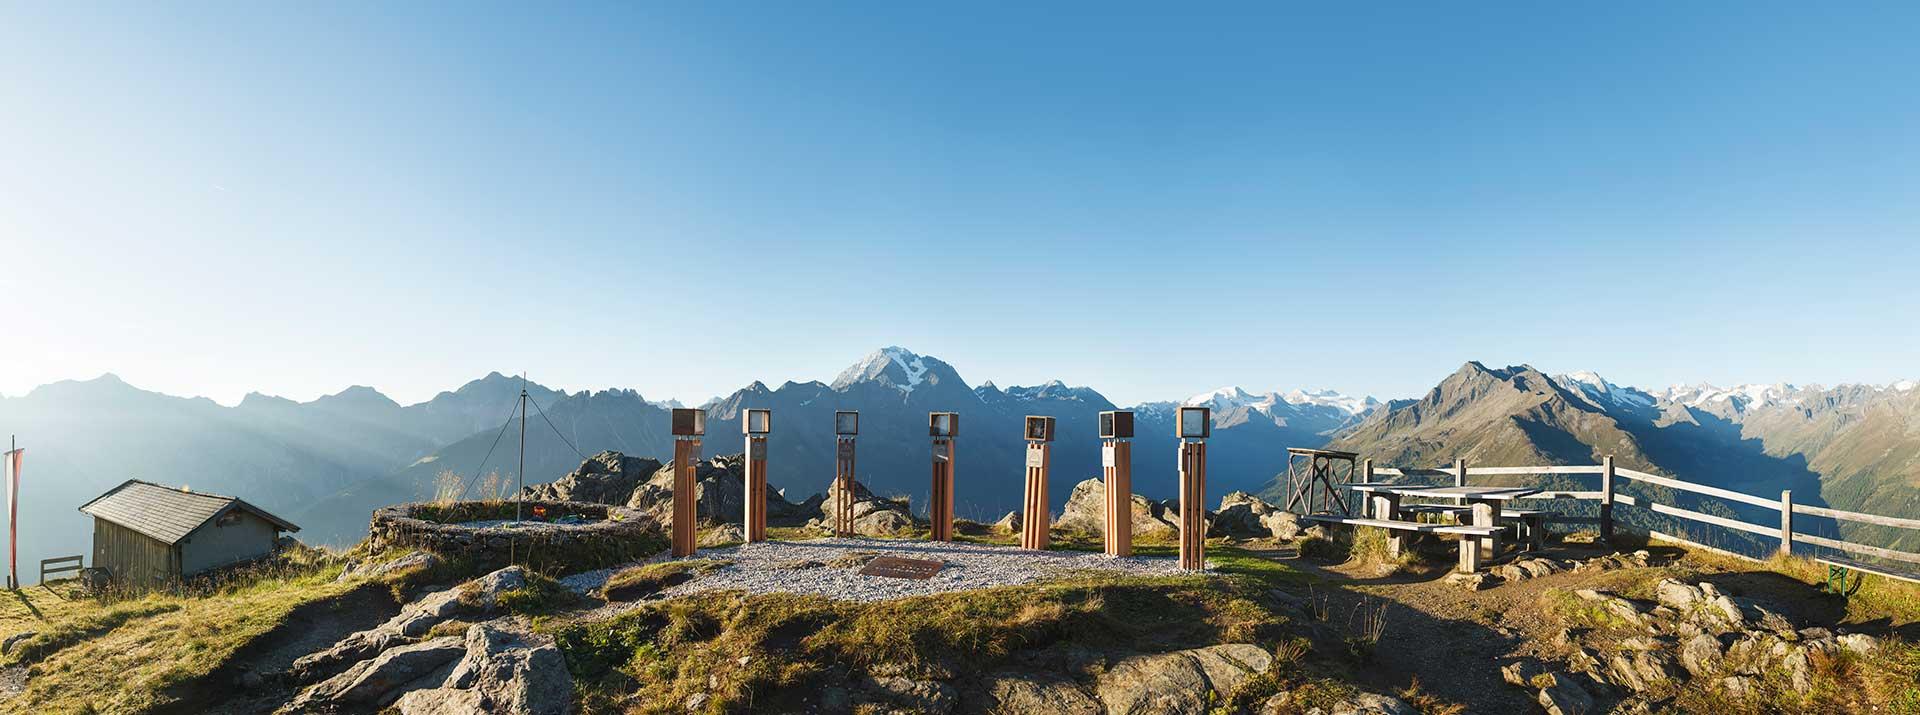 Ausblick auf die Seven Summits im Stubaital